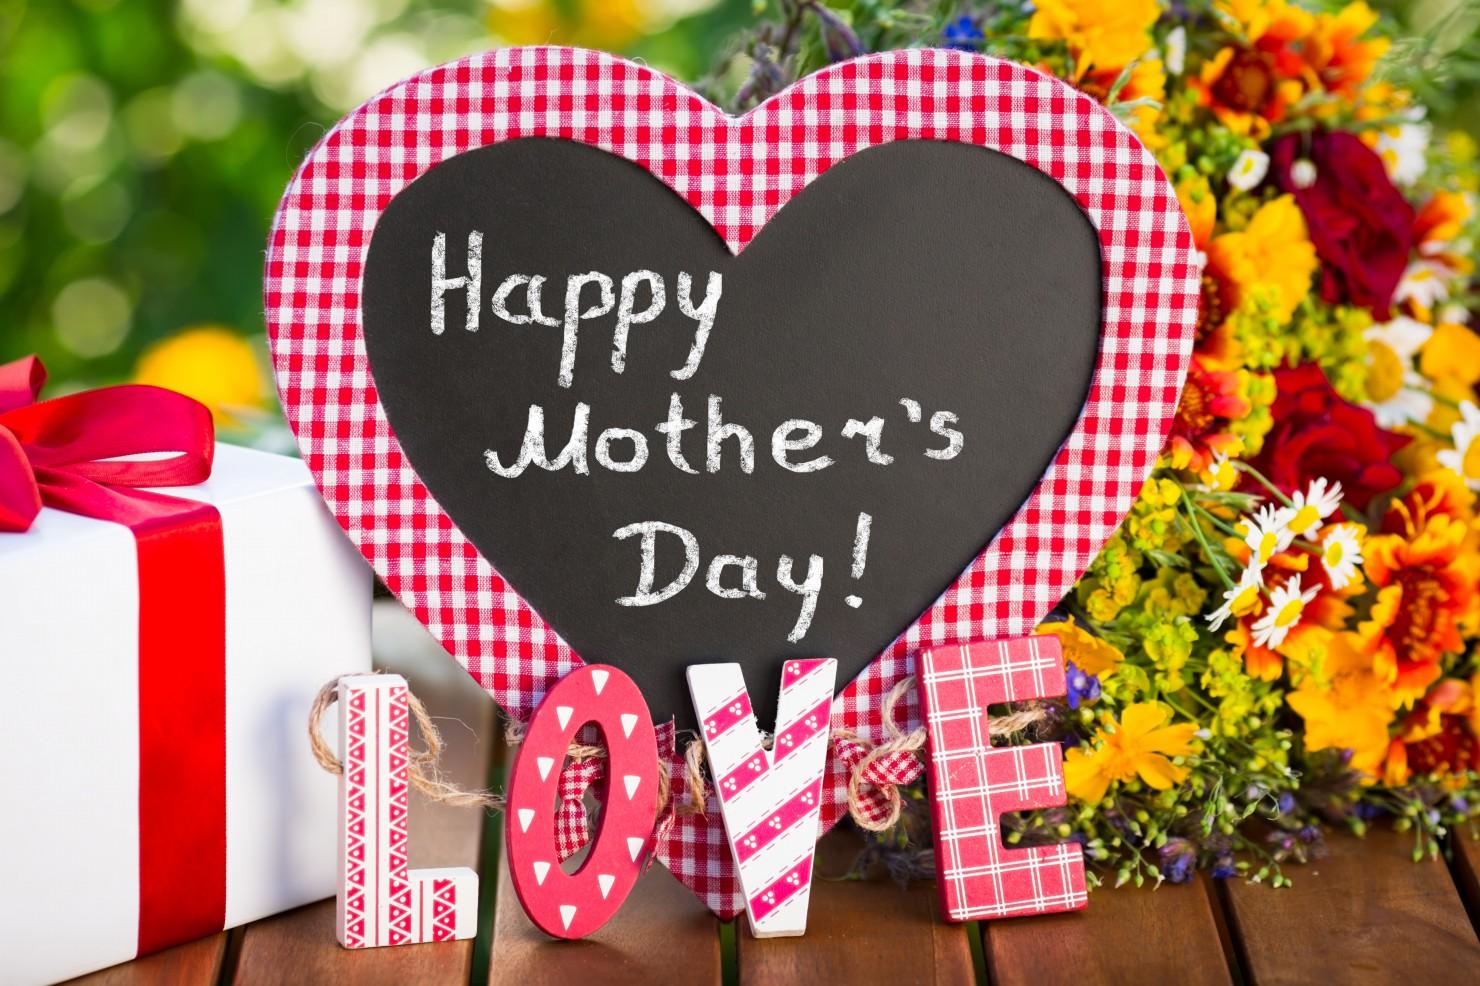 صور وكروت وبطاقات معايدة لعيد الأم - Happy Mother's Day 2020 11